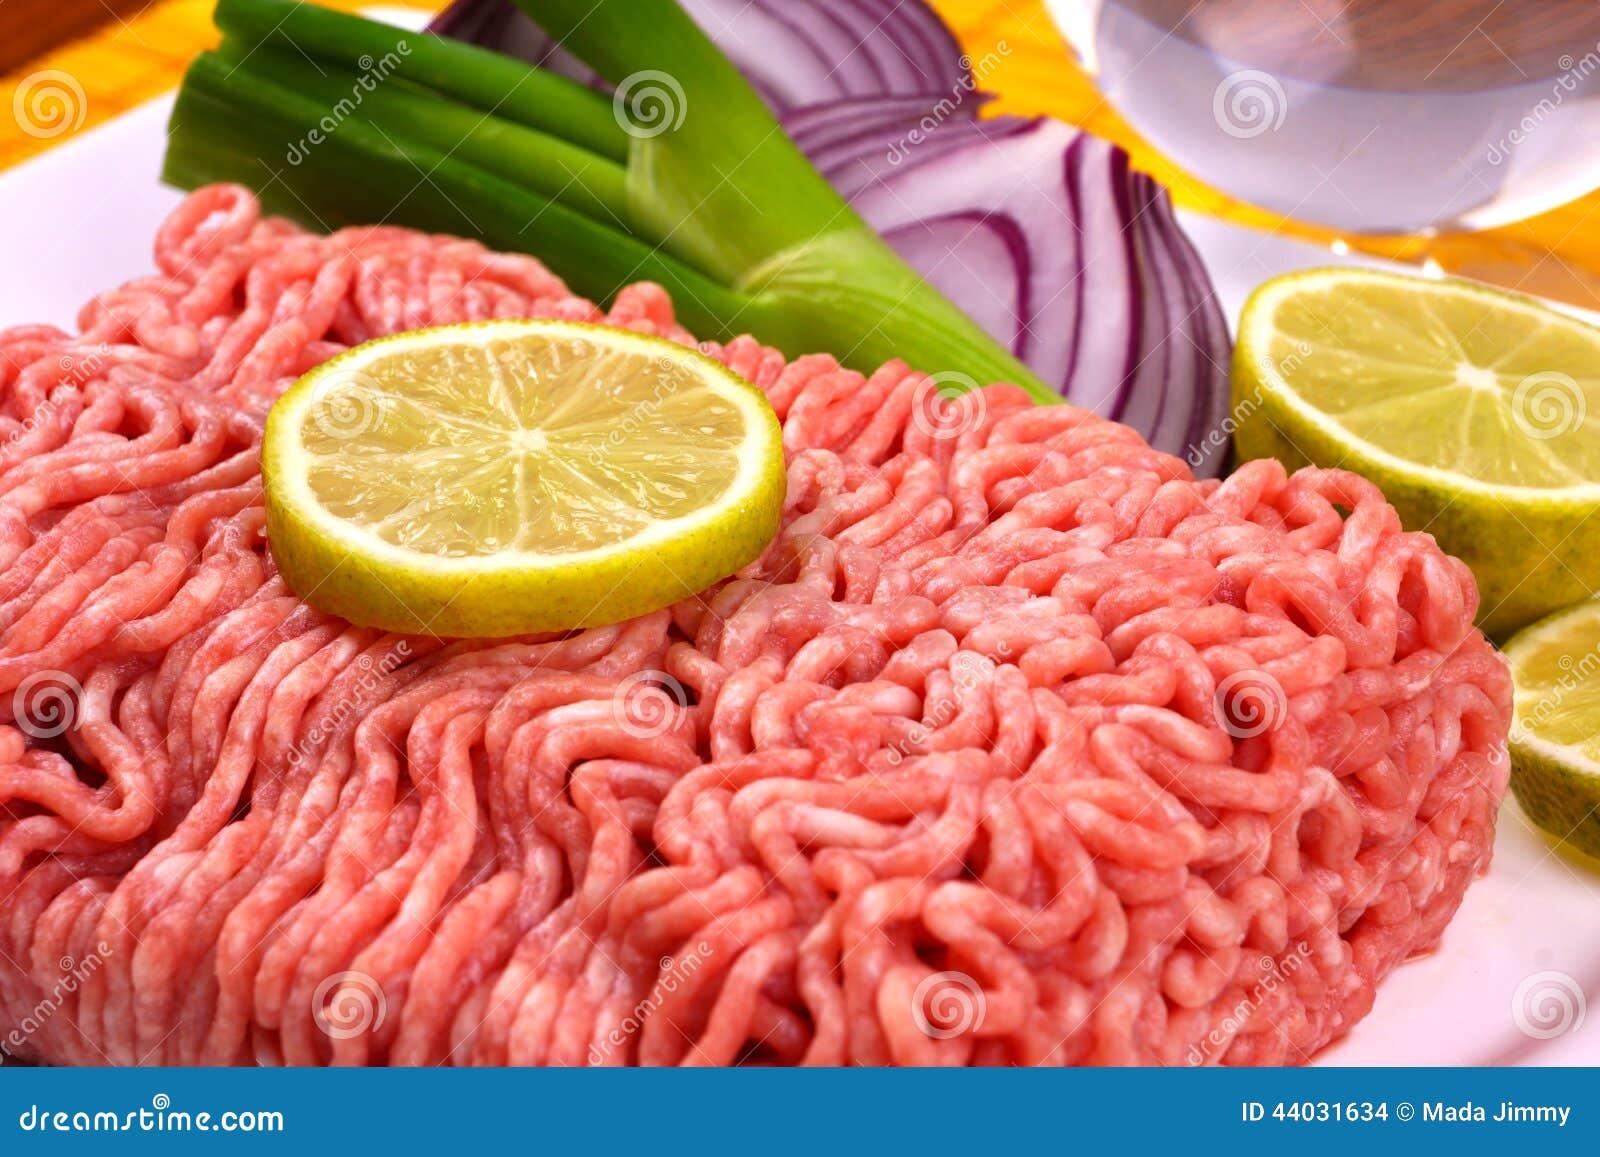 Carne triturada